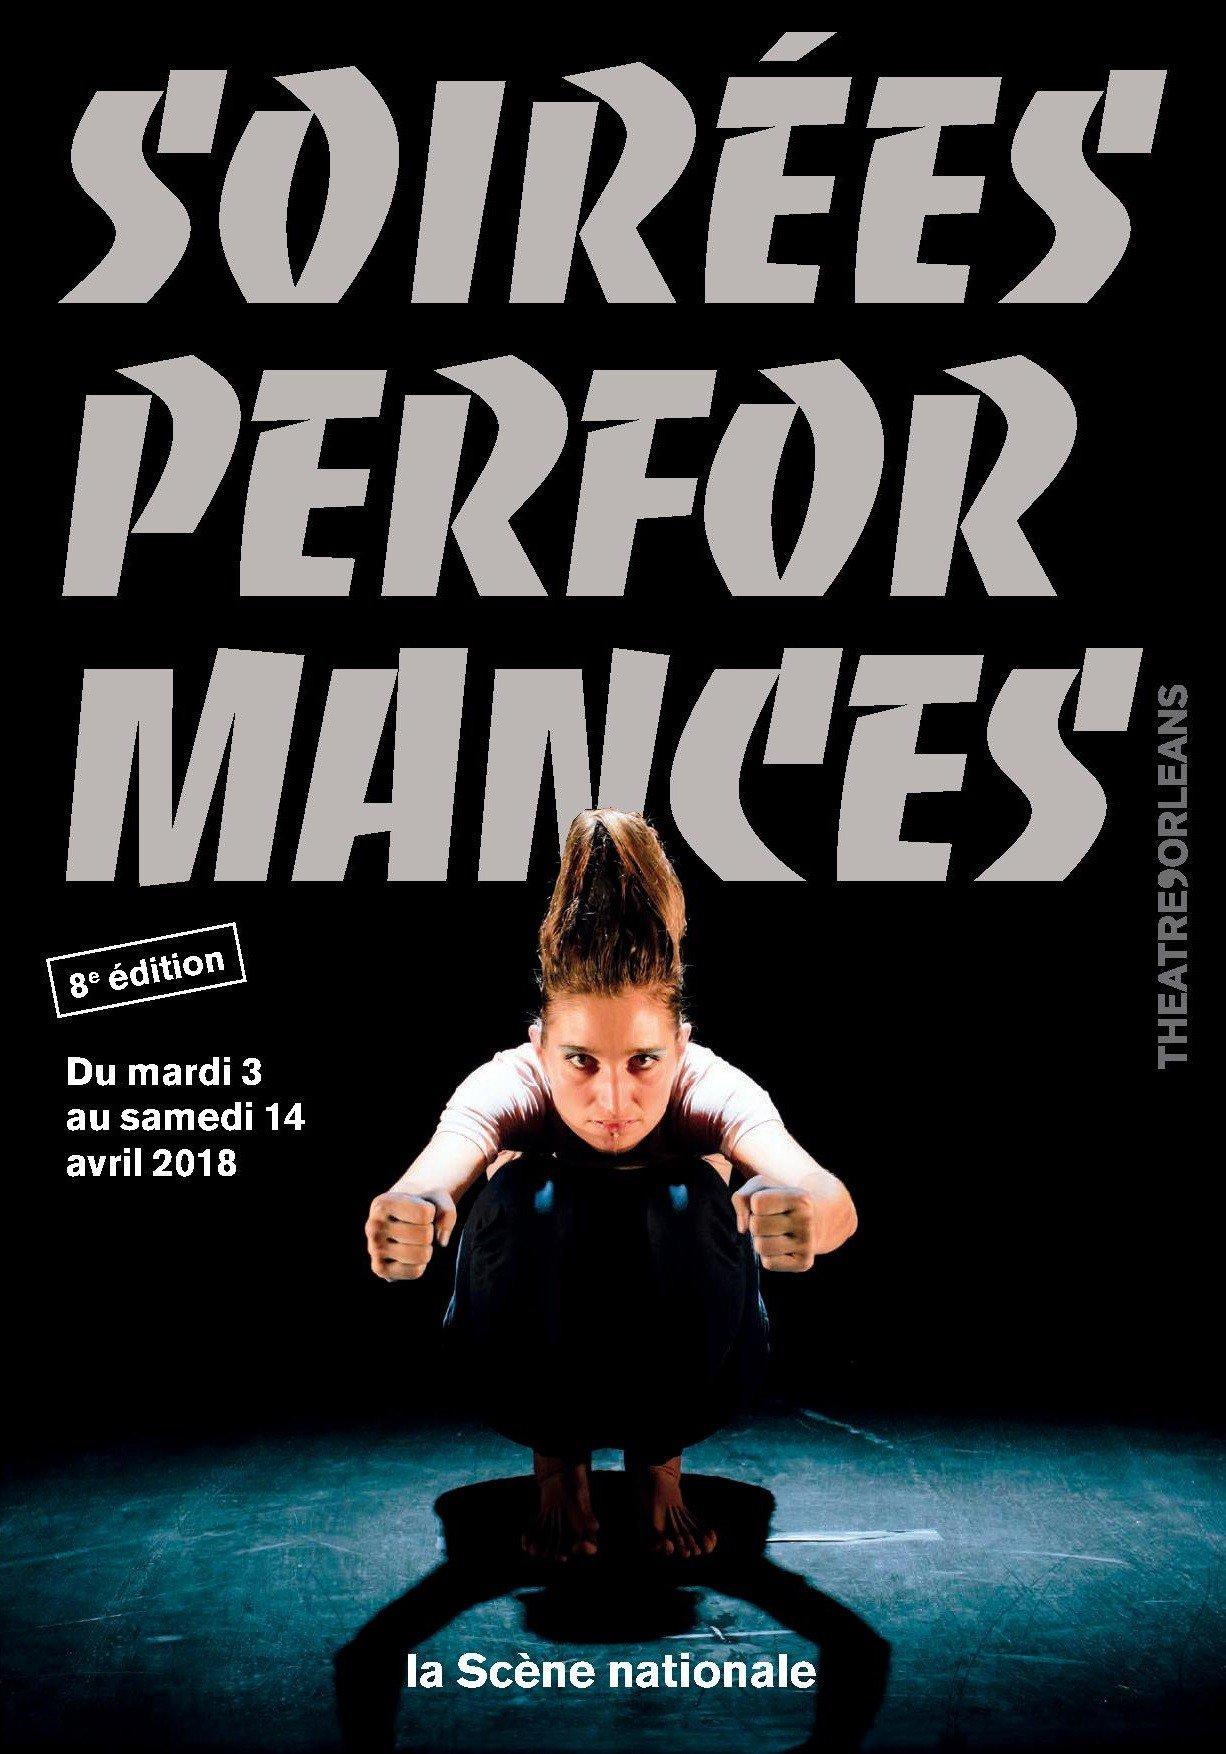 Présentation de la 8e édition des Soirées performances du 3 au 14 avril 2